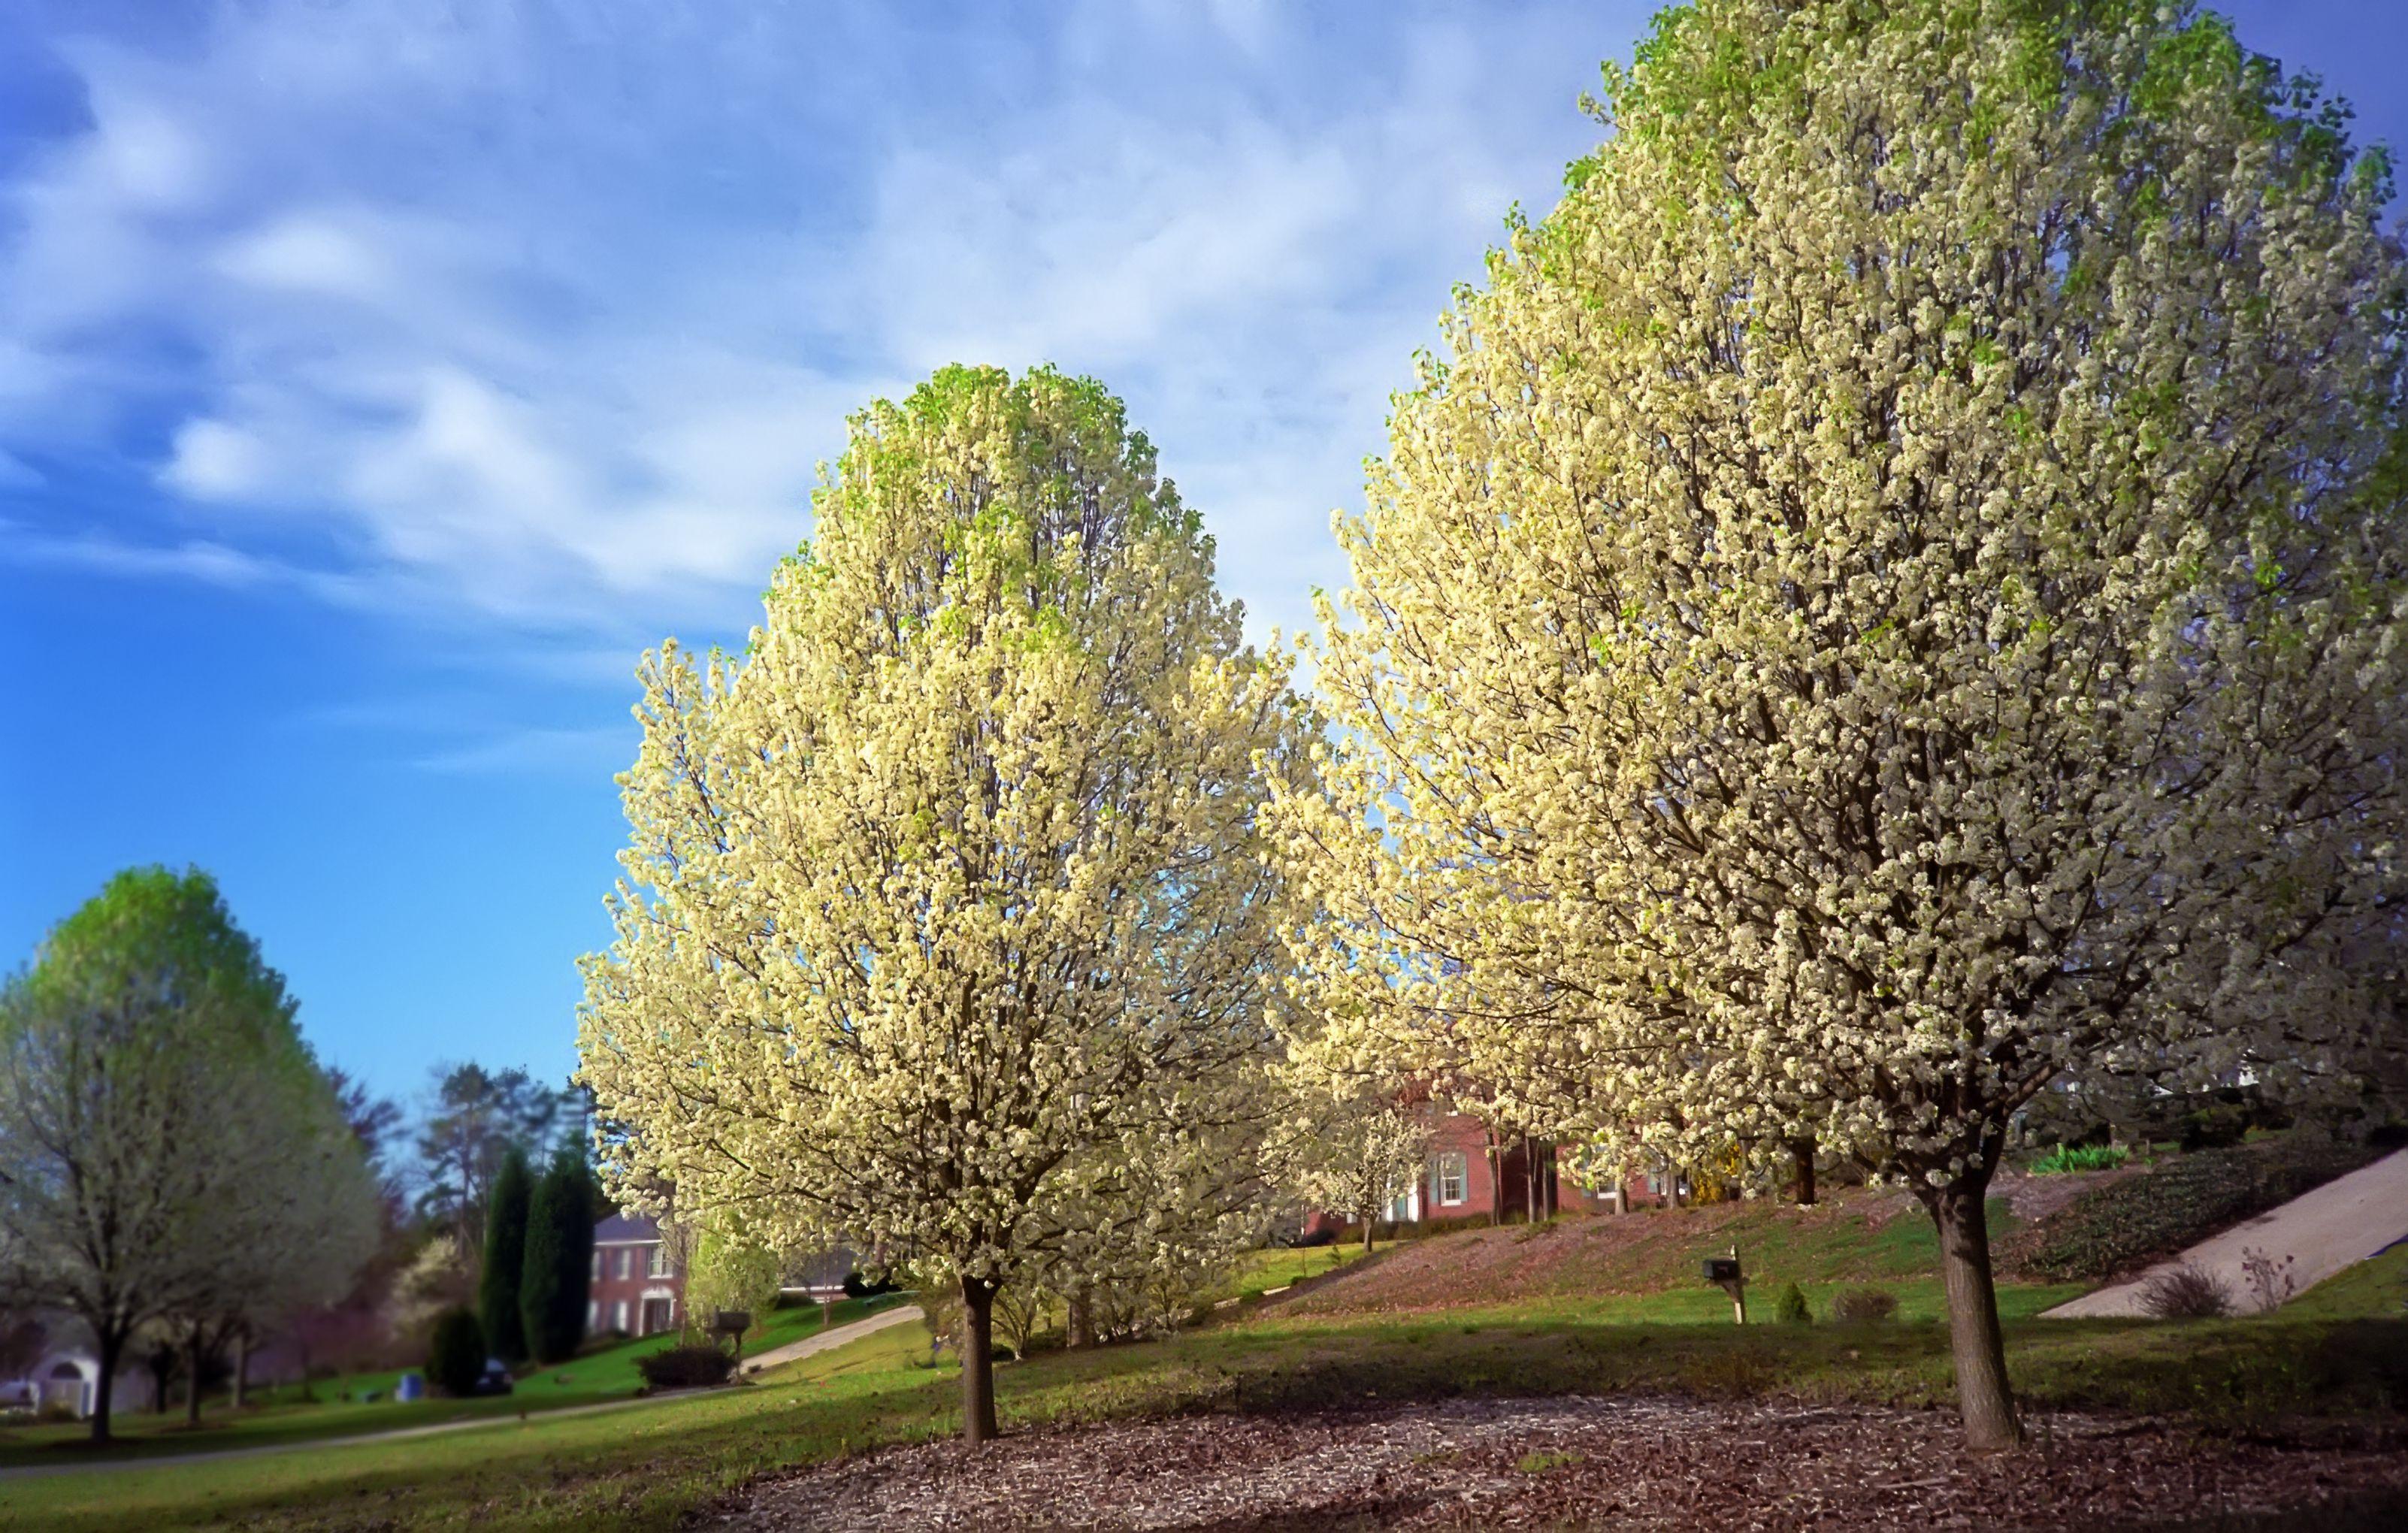 Bradford pear trees flowering in springtime